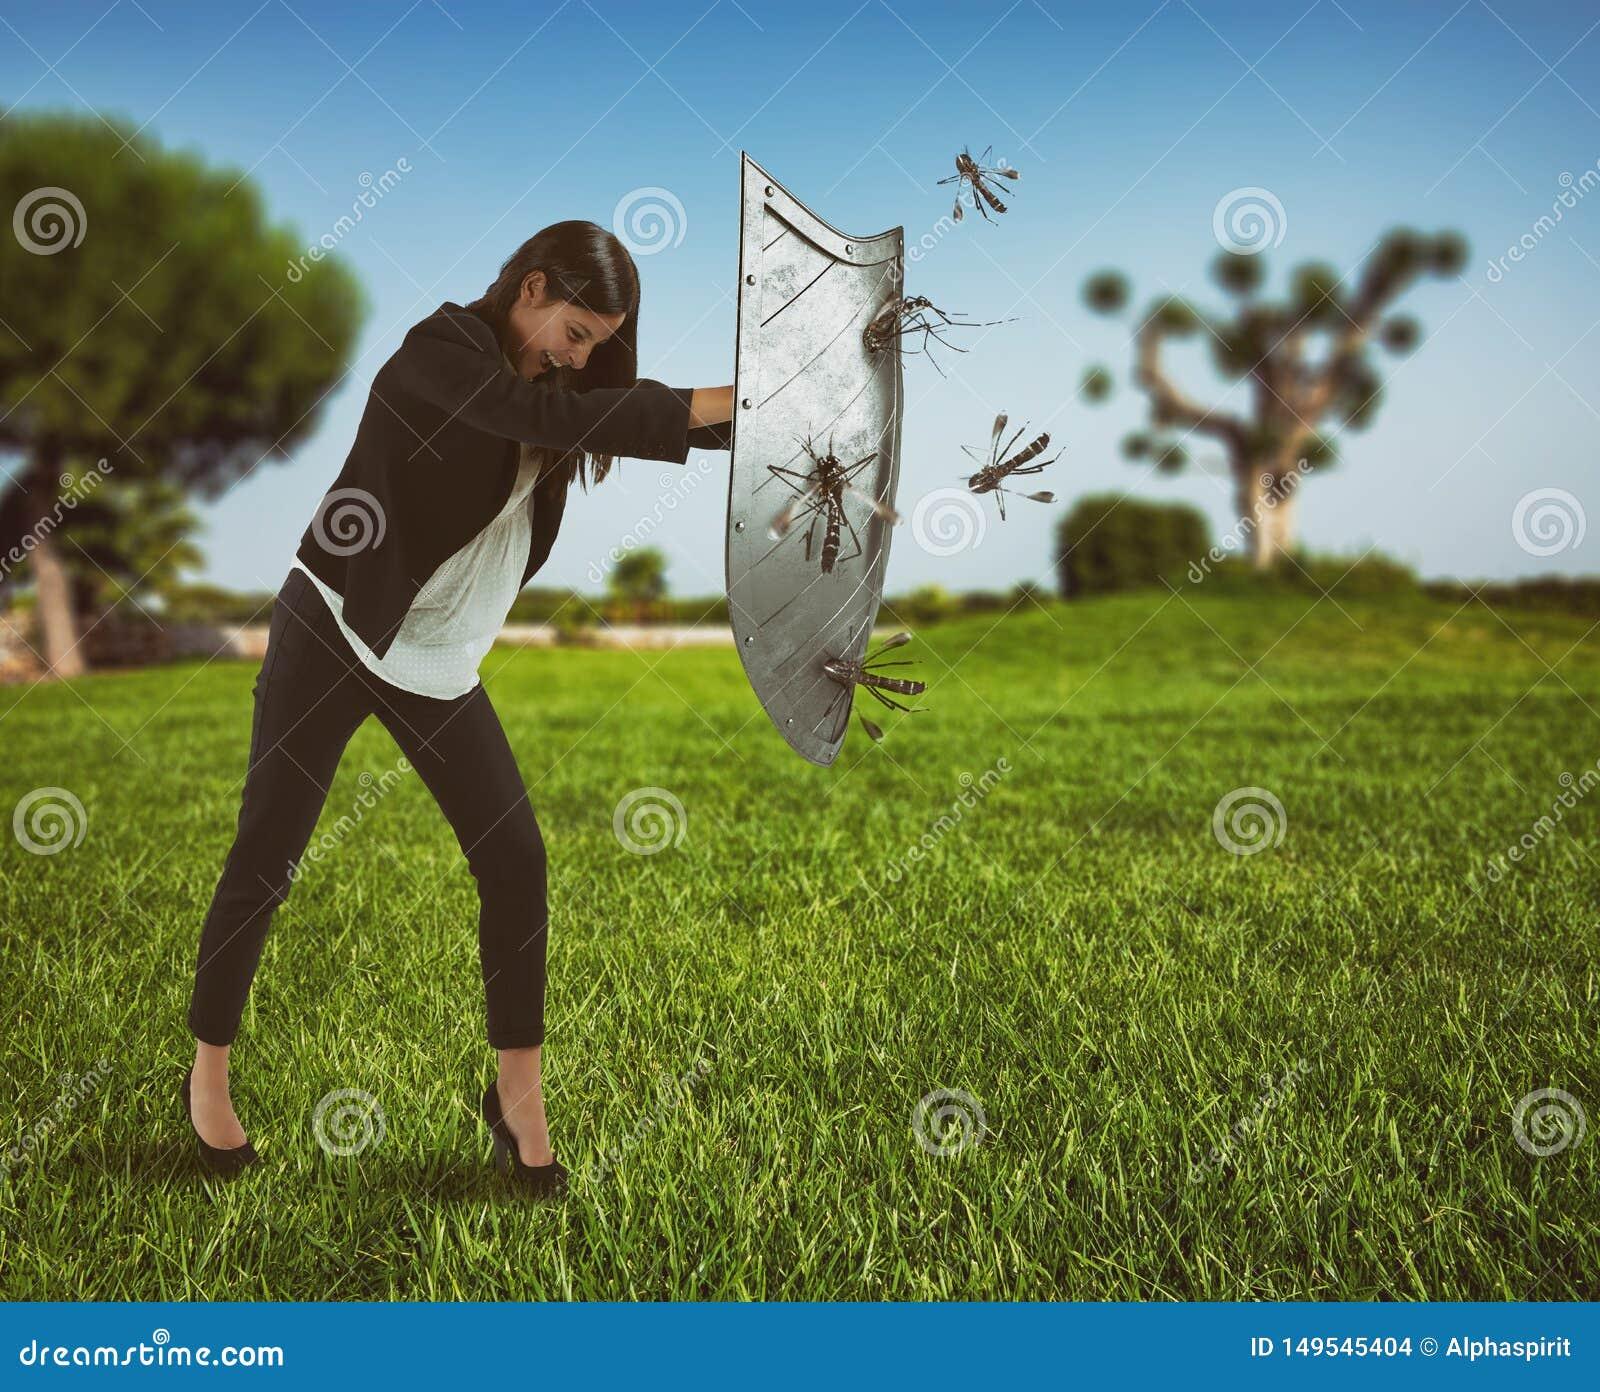 Frau verteidigt sich vom Angriff von Moskitos mit einem Schild